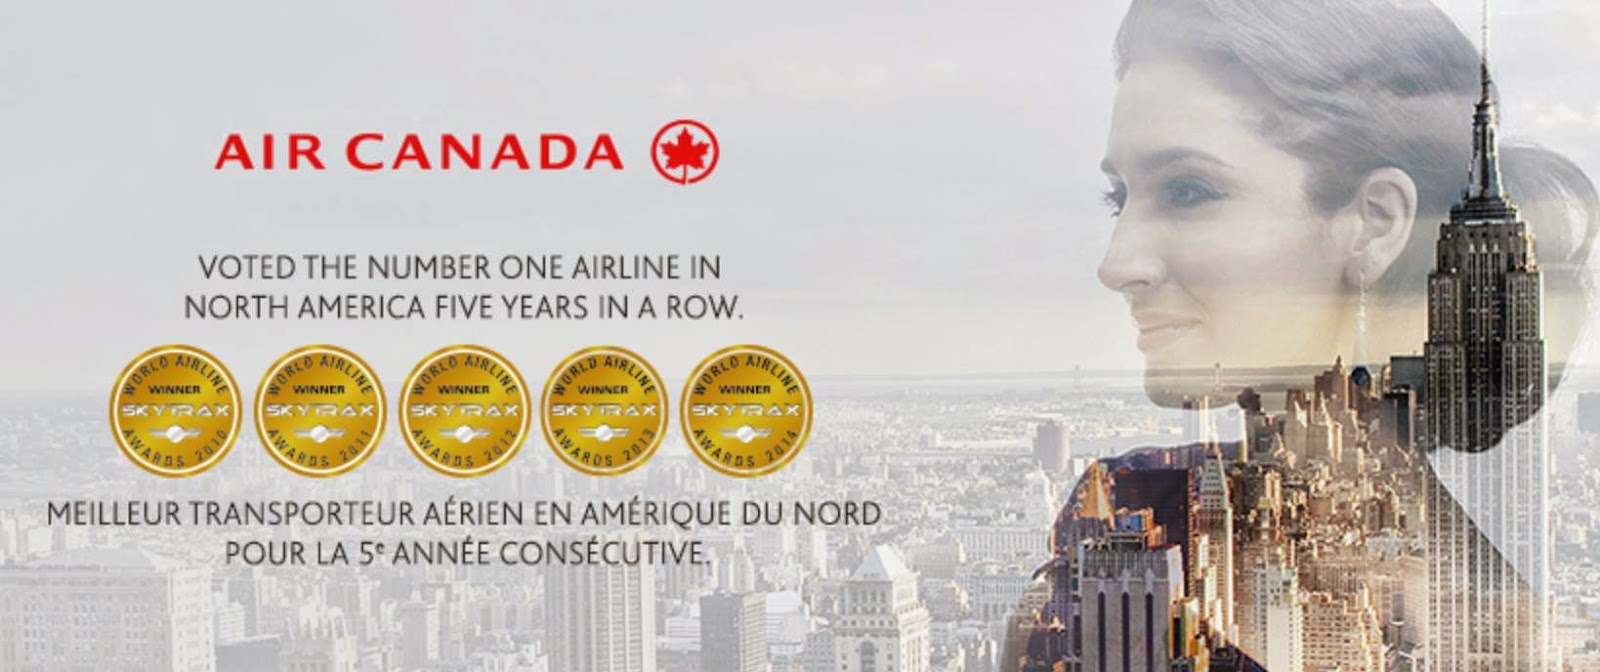 加拿大航空 Air Canada 直飛溫哥華$5,250起、轉飛多倫多$6,055起,2016年2月前出發。